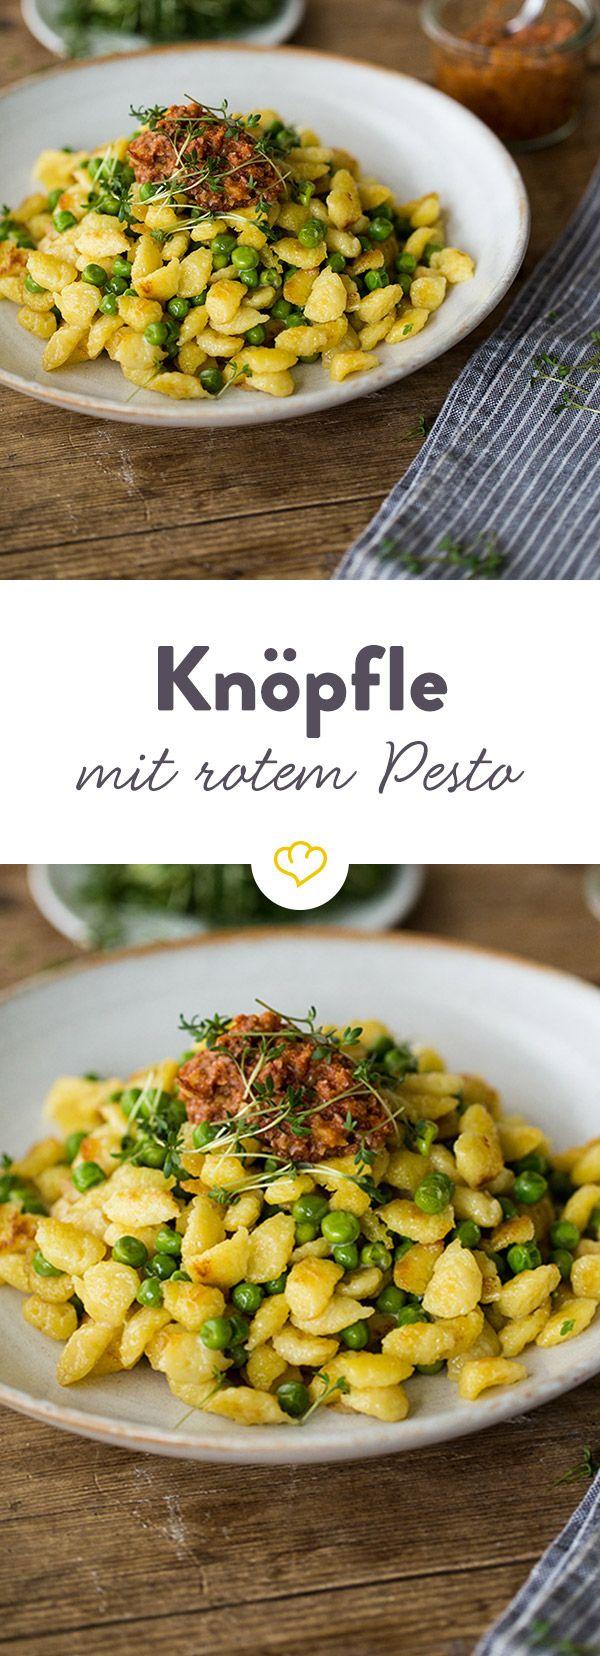 Kleine runde Knöpfle gegen großen Heißhunger. Dazwischen grüne Erbsen. On top ein würziges, rotes Pesto - einfach köstlich!